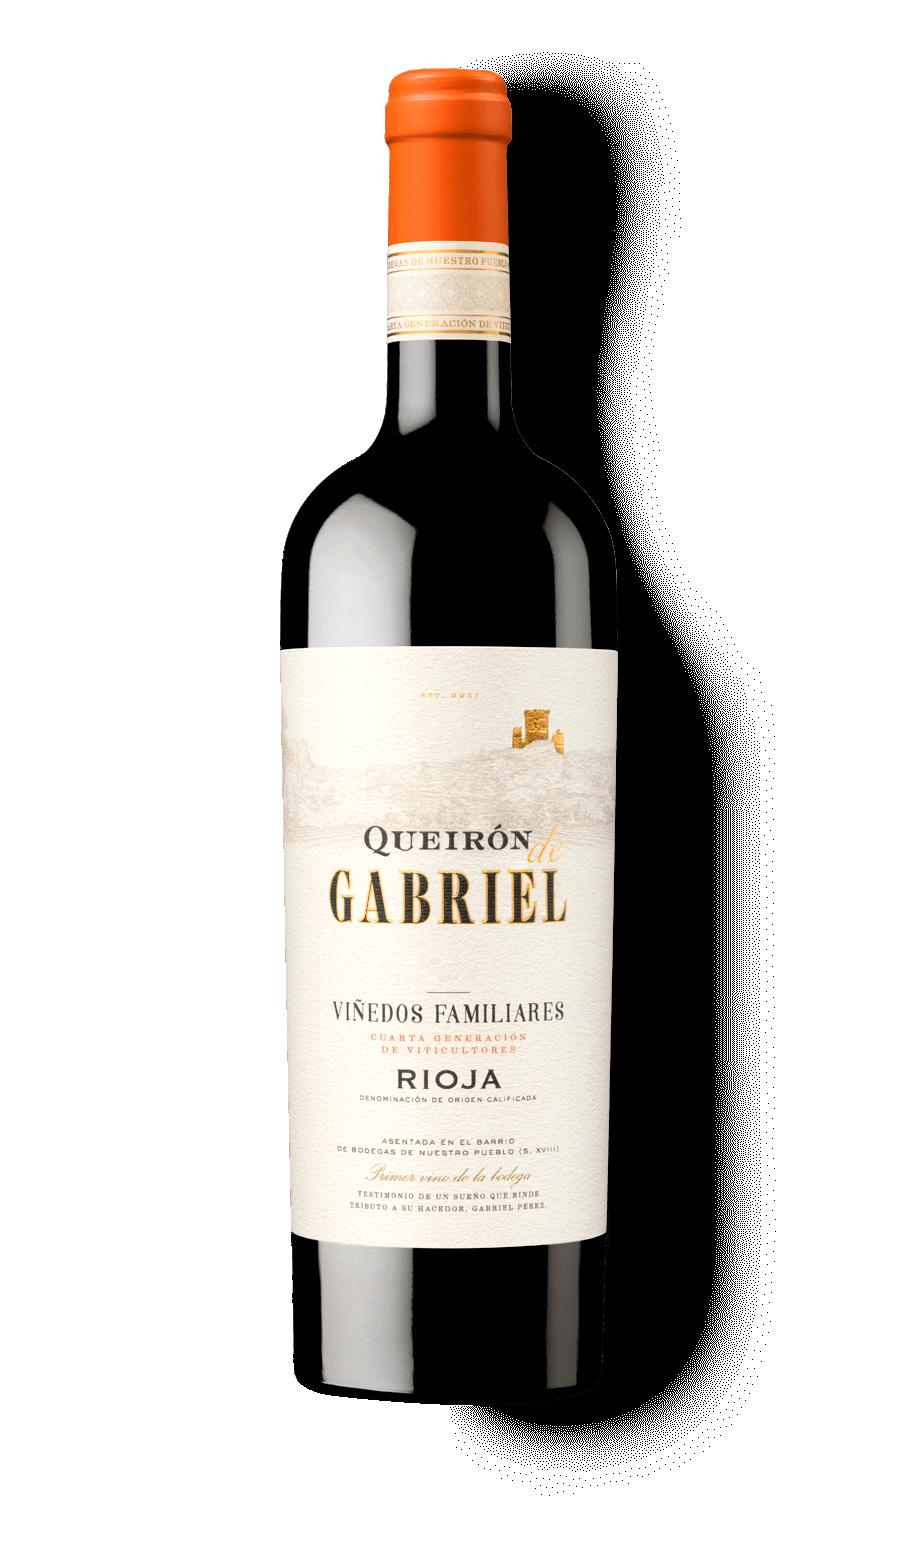 Queirón de Gabriel de Culto al Vino - Bodegas Ontañón - Bodegas Queirón